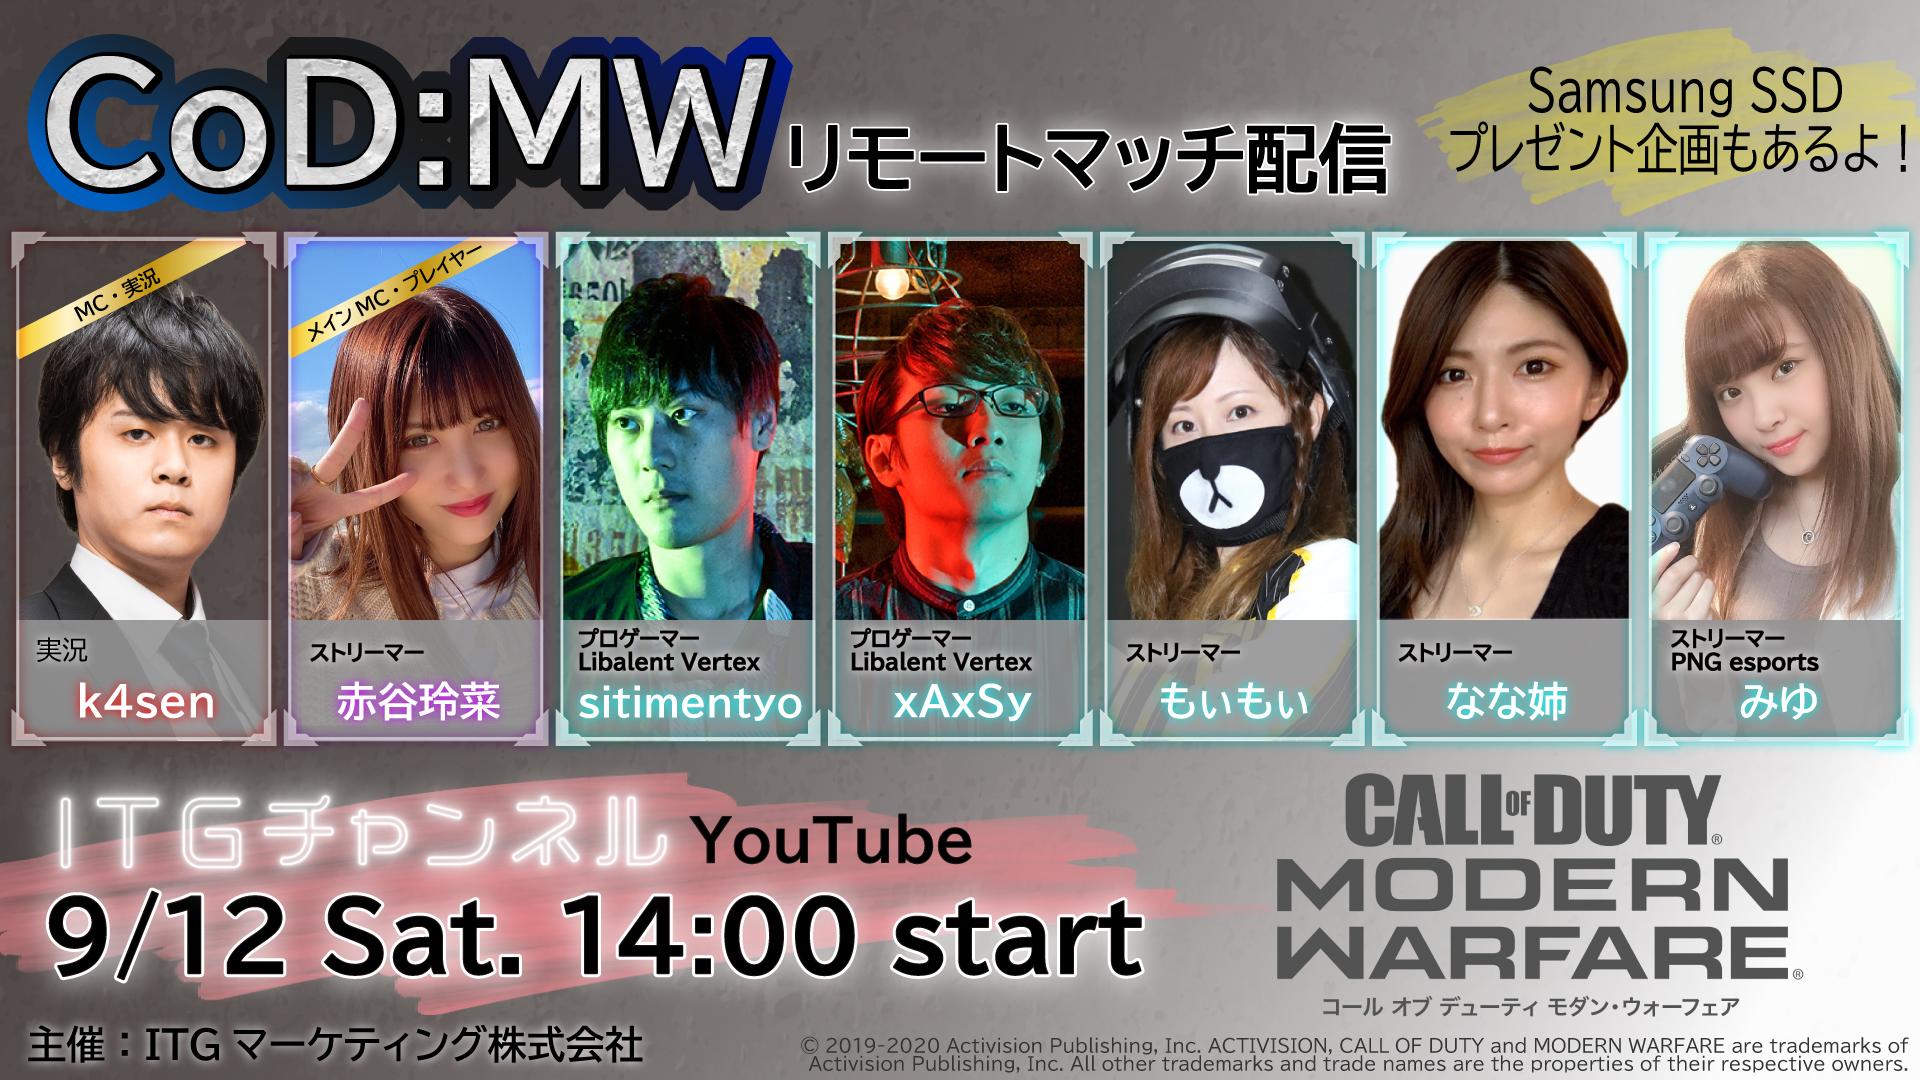 9/12開催「CoD:MWリモートマッチ配信」オンラインゲームイベント image